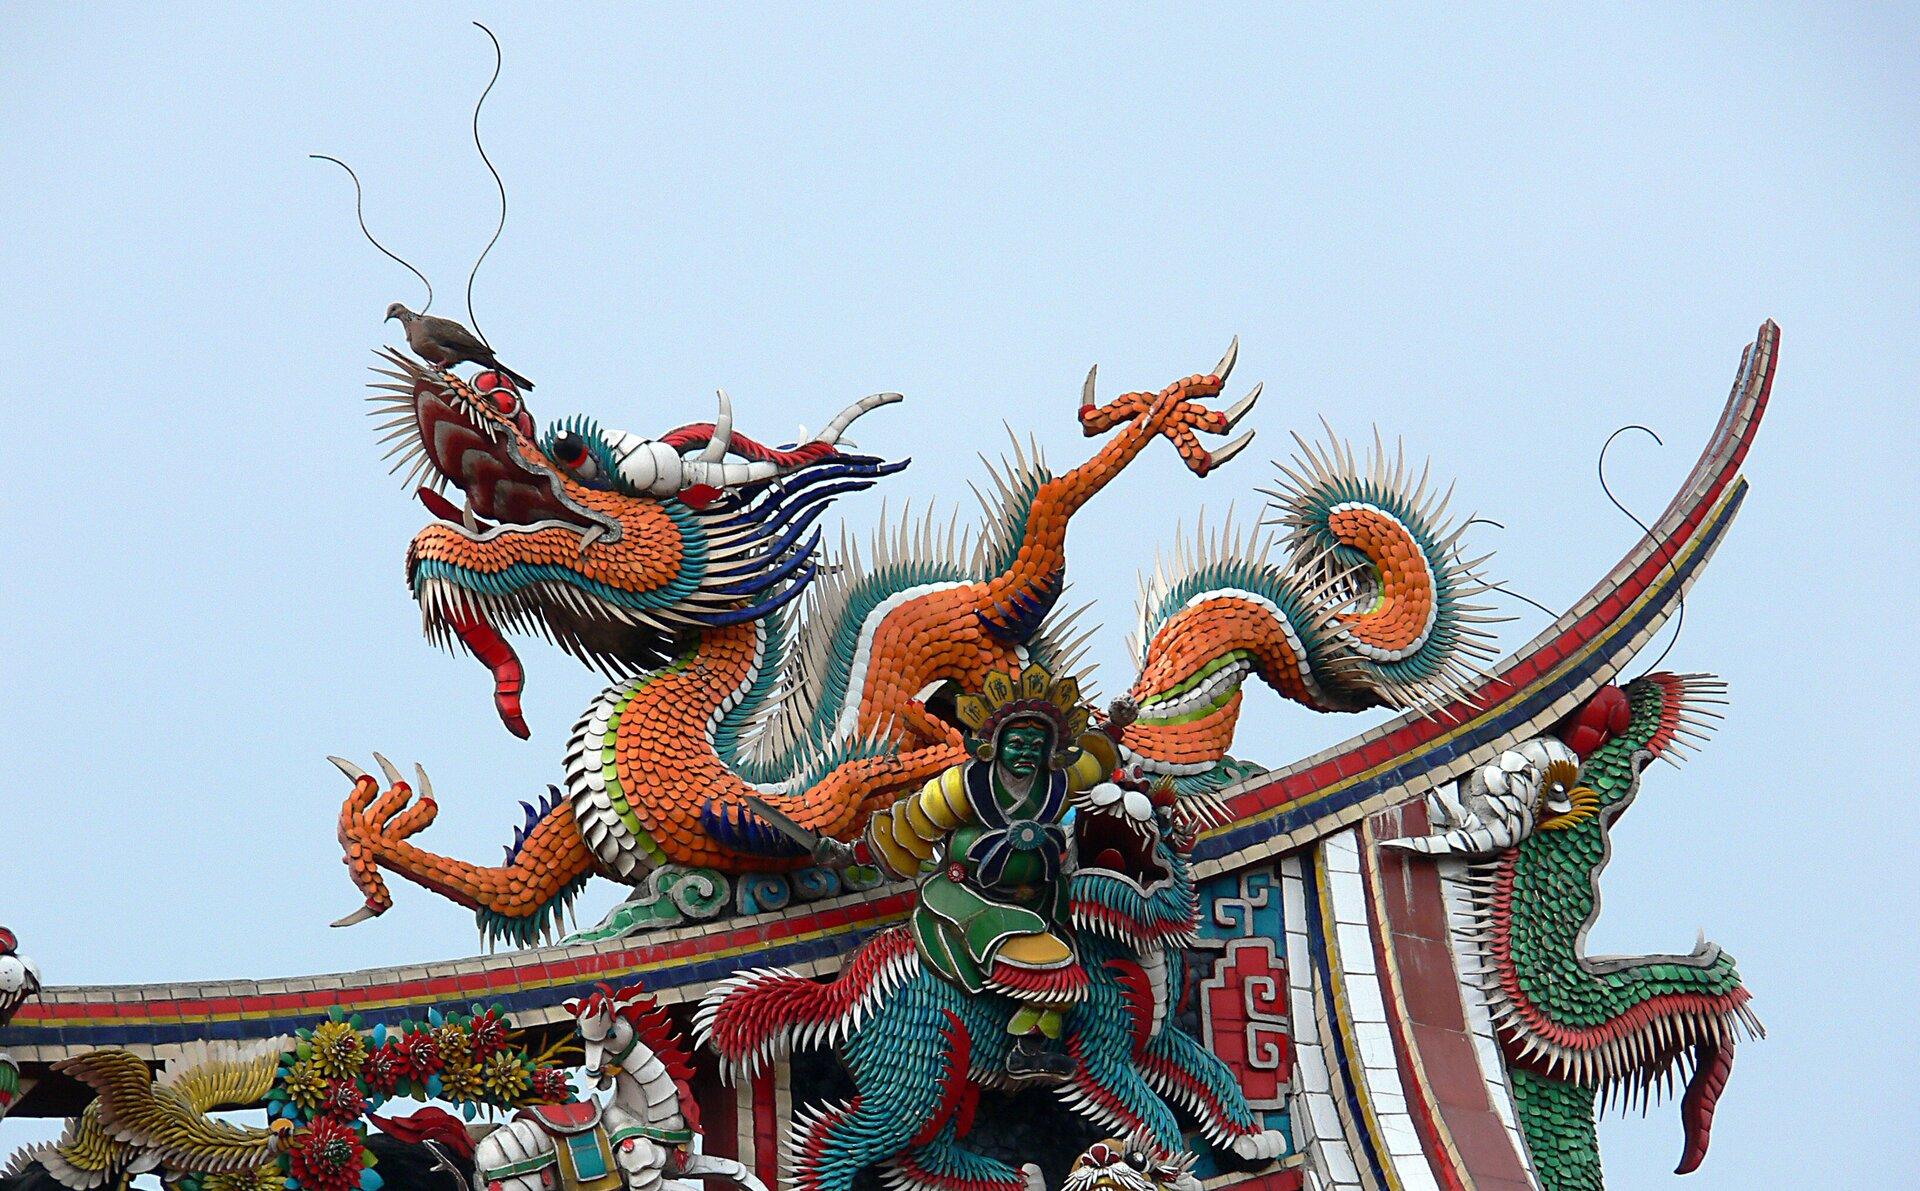 Smok na dachu świątyni Longshan wTajpej Smok na dachu świątyni Longshan wTajpej Źródło: WikiLaurent, licencja: CC BY-SA 3.0.